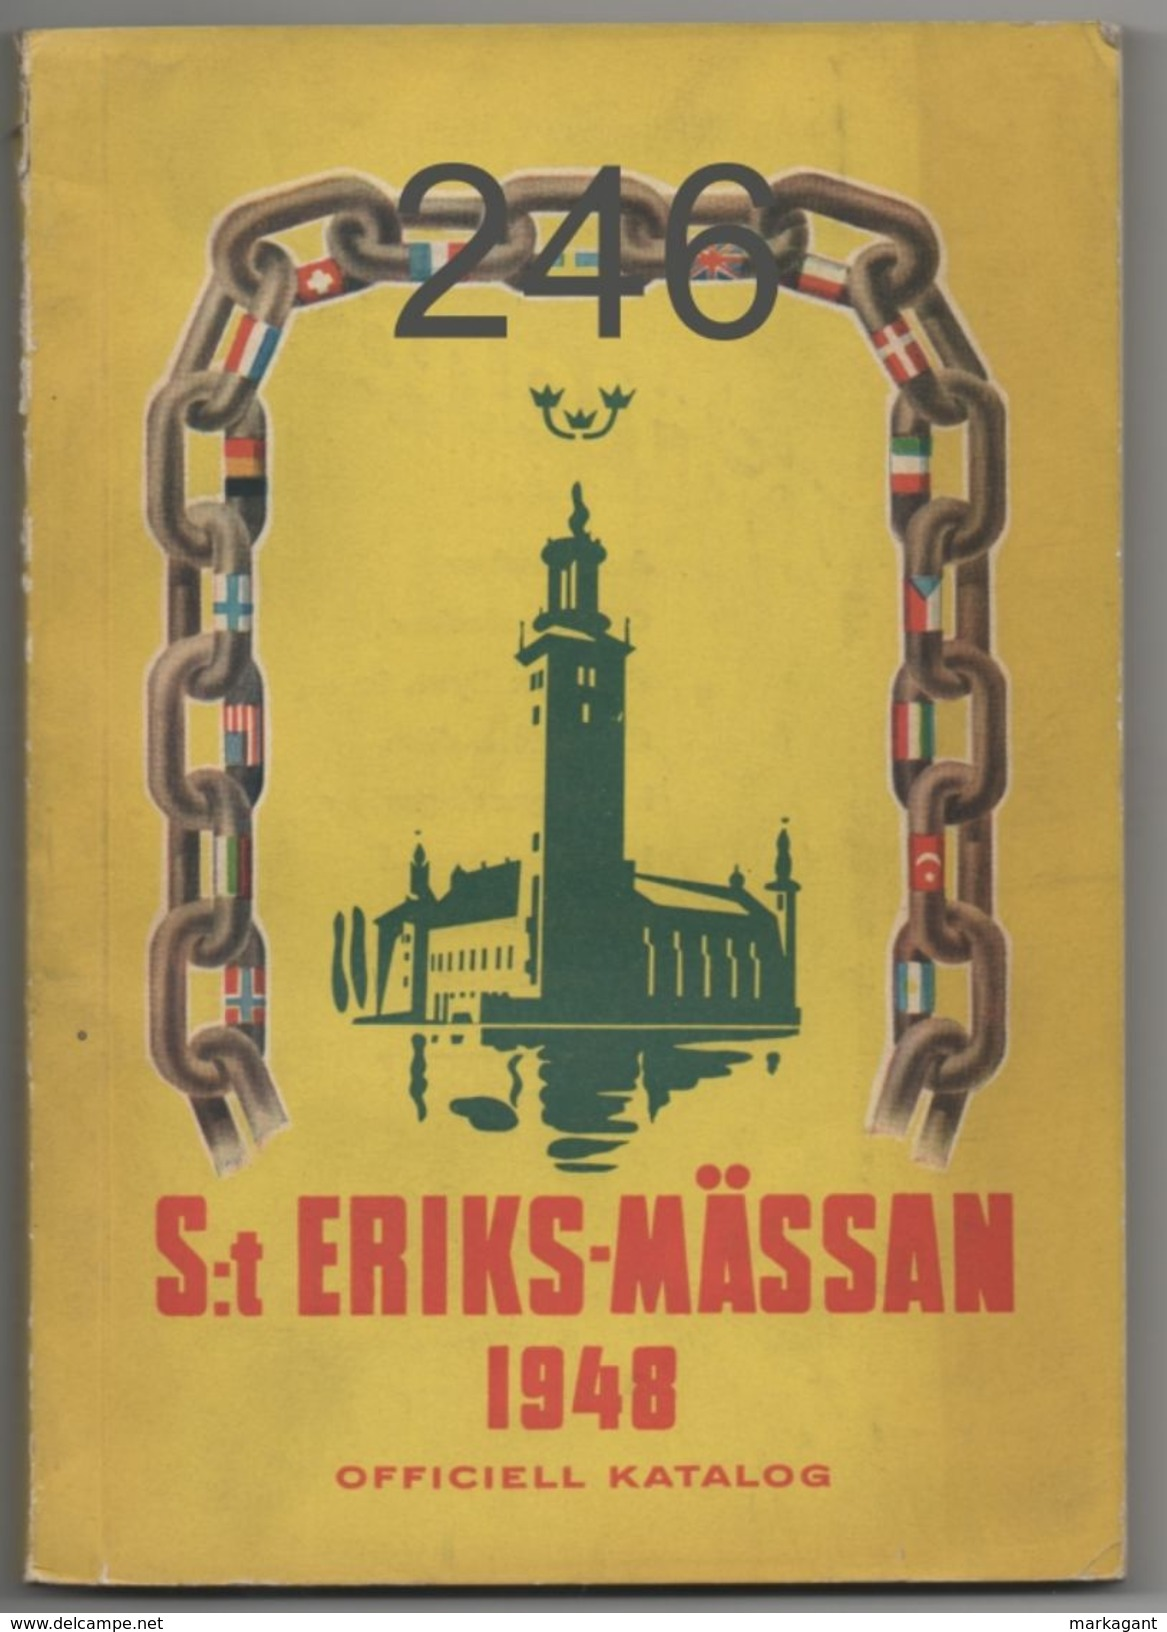 S:t  Eriks-mässan 1948 Officiell Katalog - Scandinavische Talen